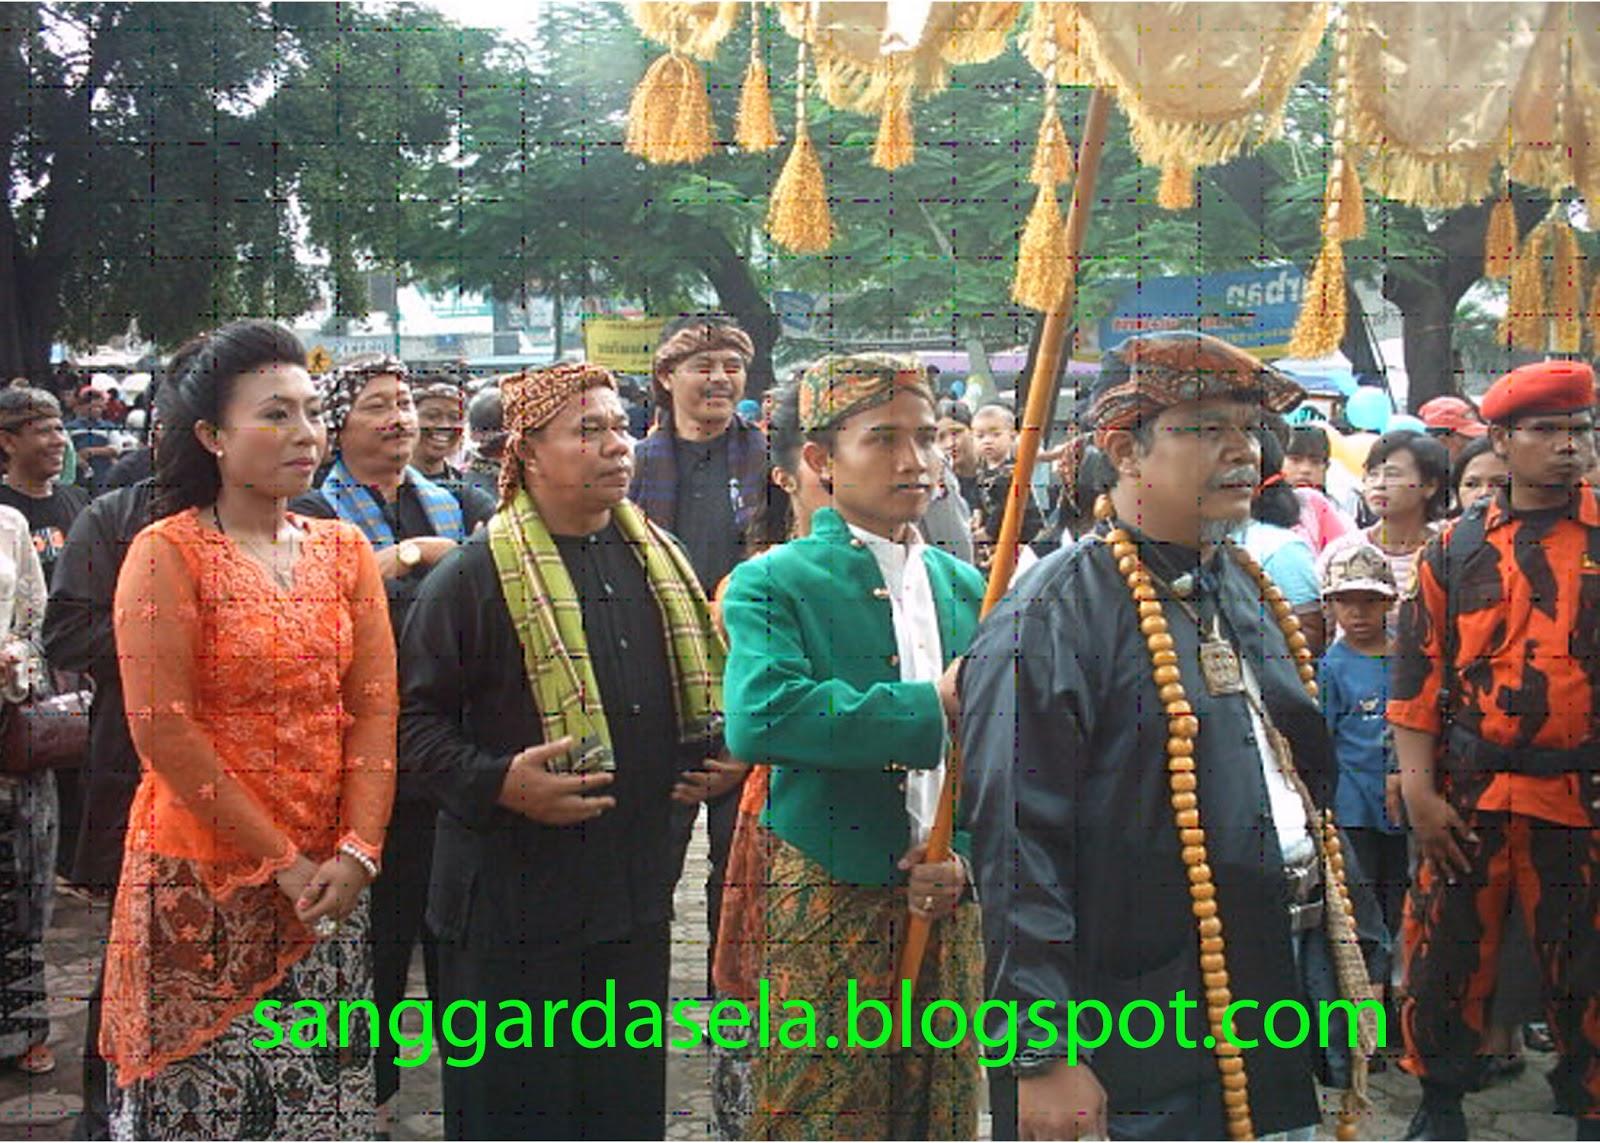 Upacara Pernikahan / Perkawinan Adat Sunda di Bandung